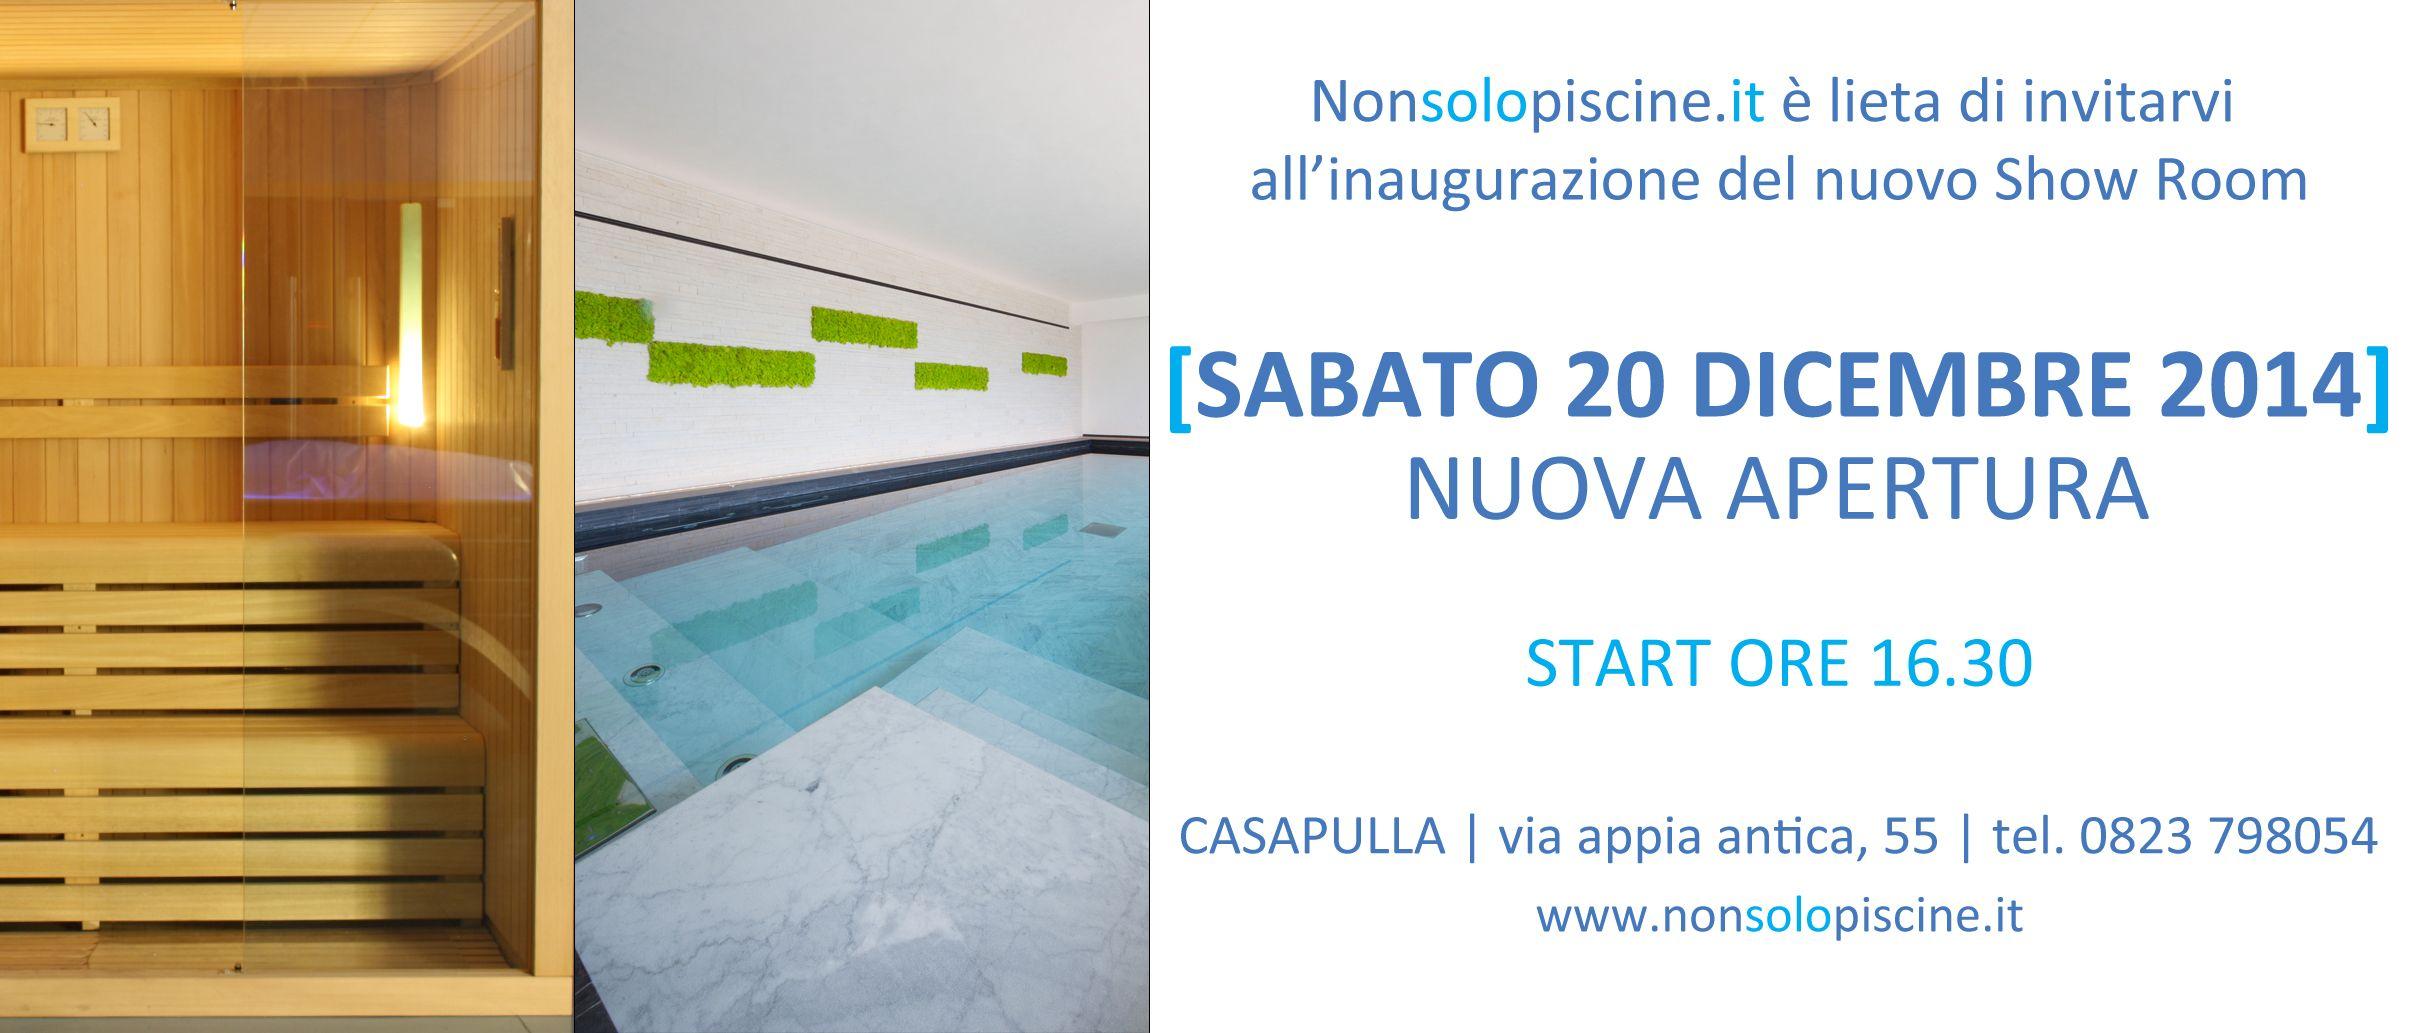 www.nonsolopiscine.it Festeggia con noi l'apertura del nostro Show Room.  Ti apettiamo il 20 Dicembre 2014 alle ore 16:30 a Casapulla (CE) in Via Appia Antica, 55.